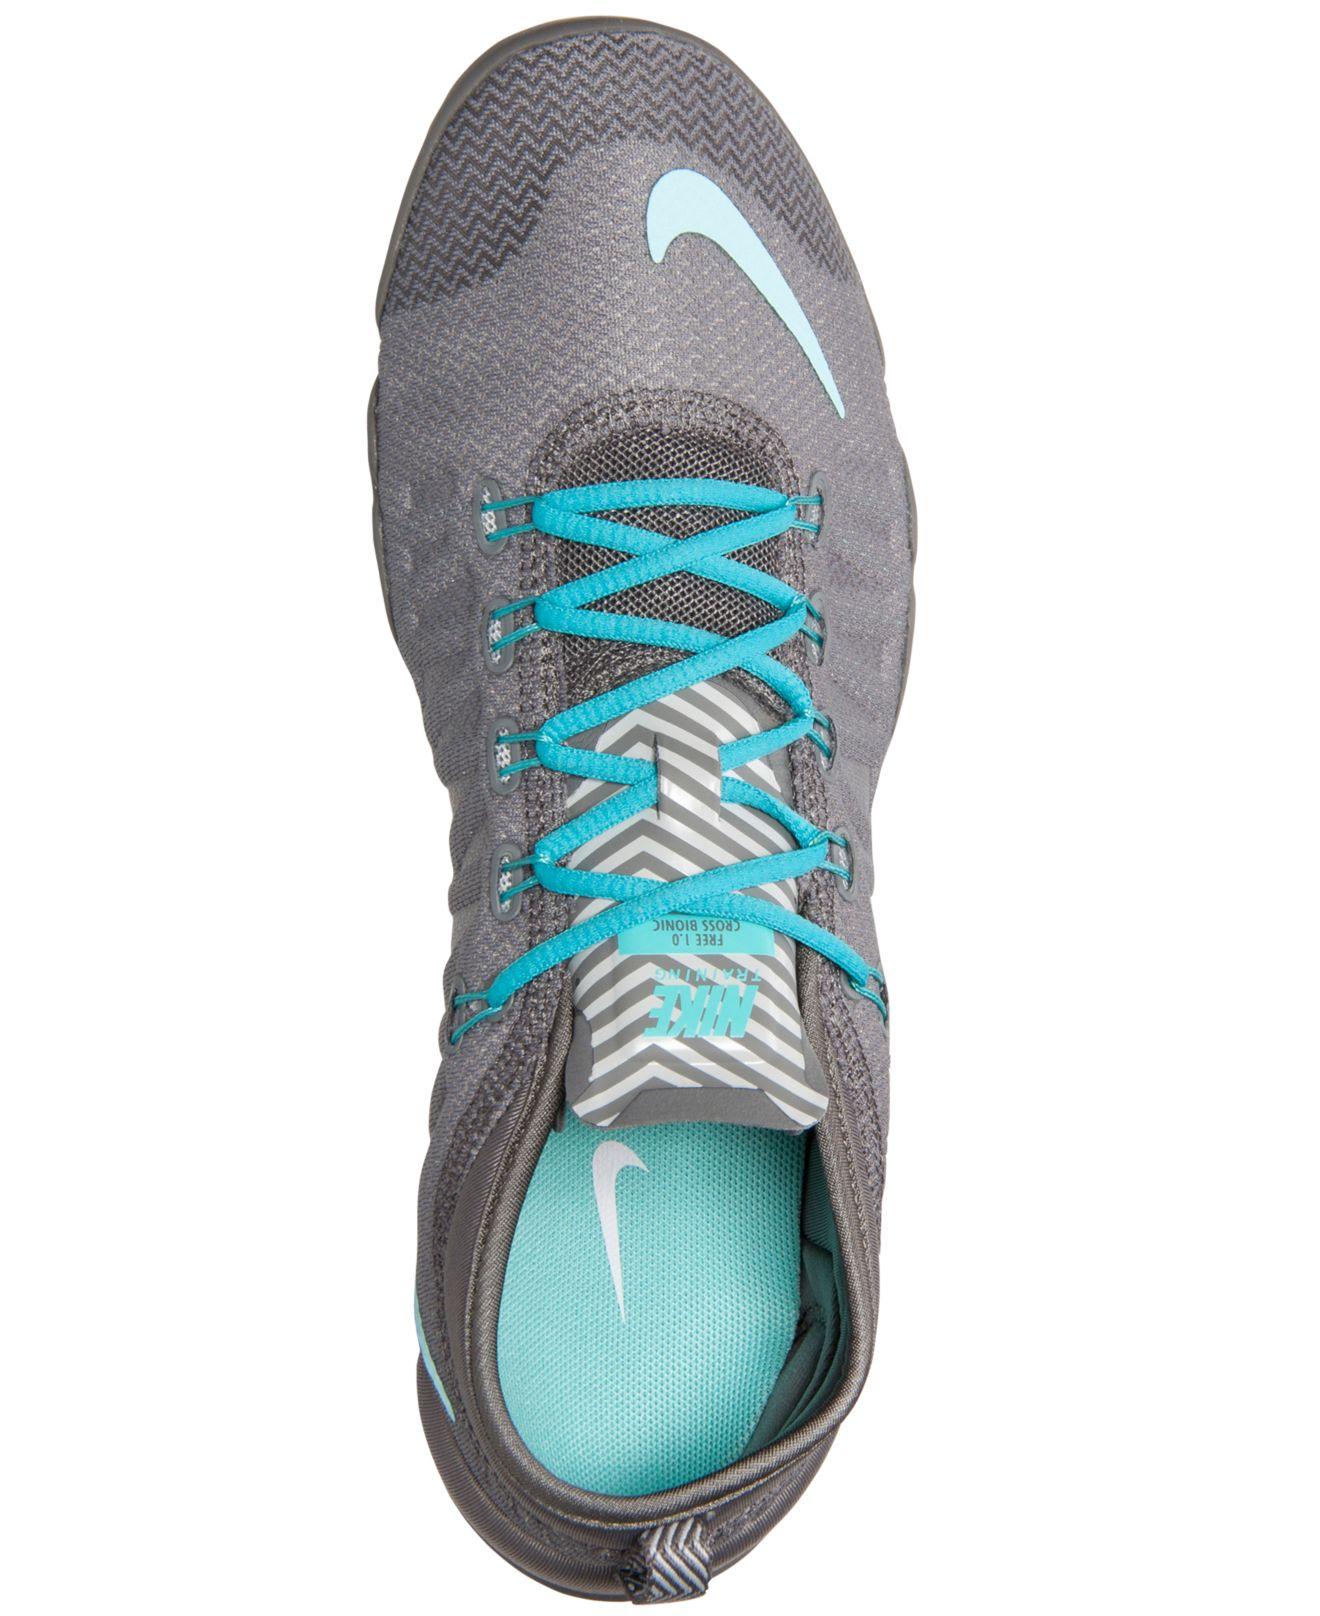 b450edd05b9e ... Lyst - Nike Women s Free 1.0 Cross Bionic Training Sneakers From Finish  Line in Gray ...